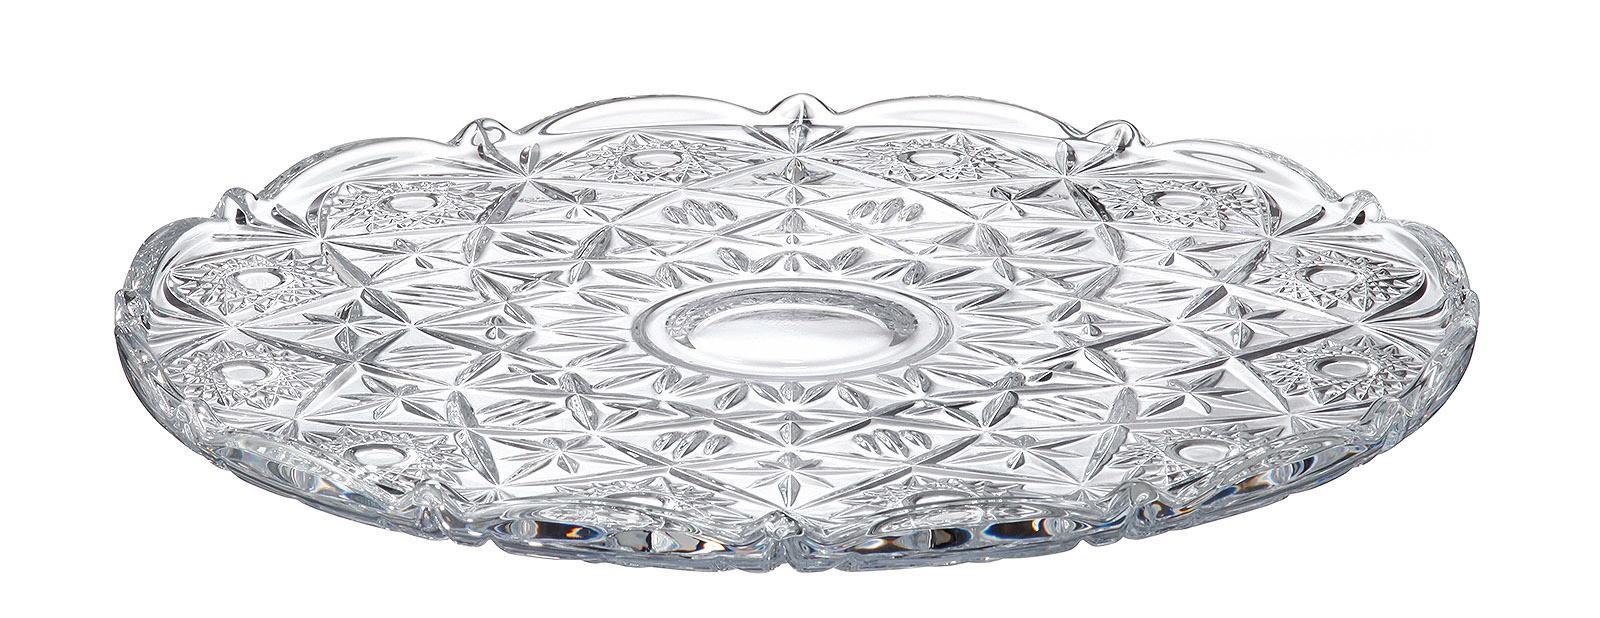 Πιατέλα Miranda Bohemia Κρυστάλλινο 31cm home   κρυσταλλα  διακοσμηση   κρύσταλλα